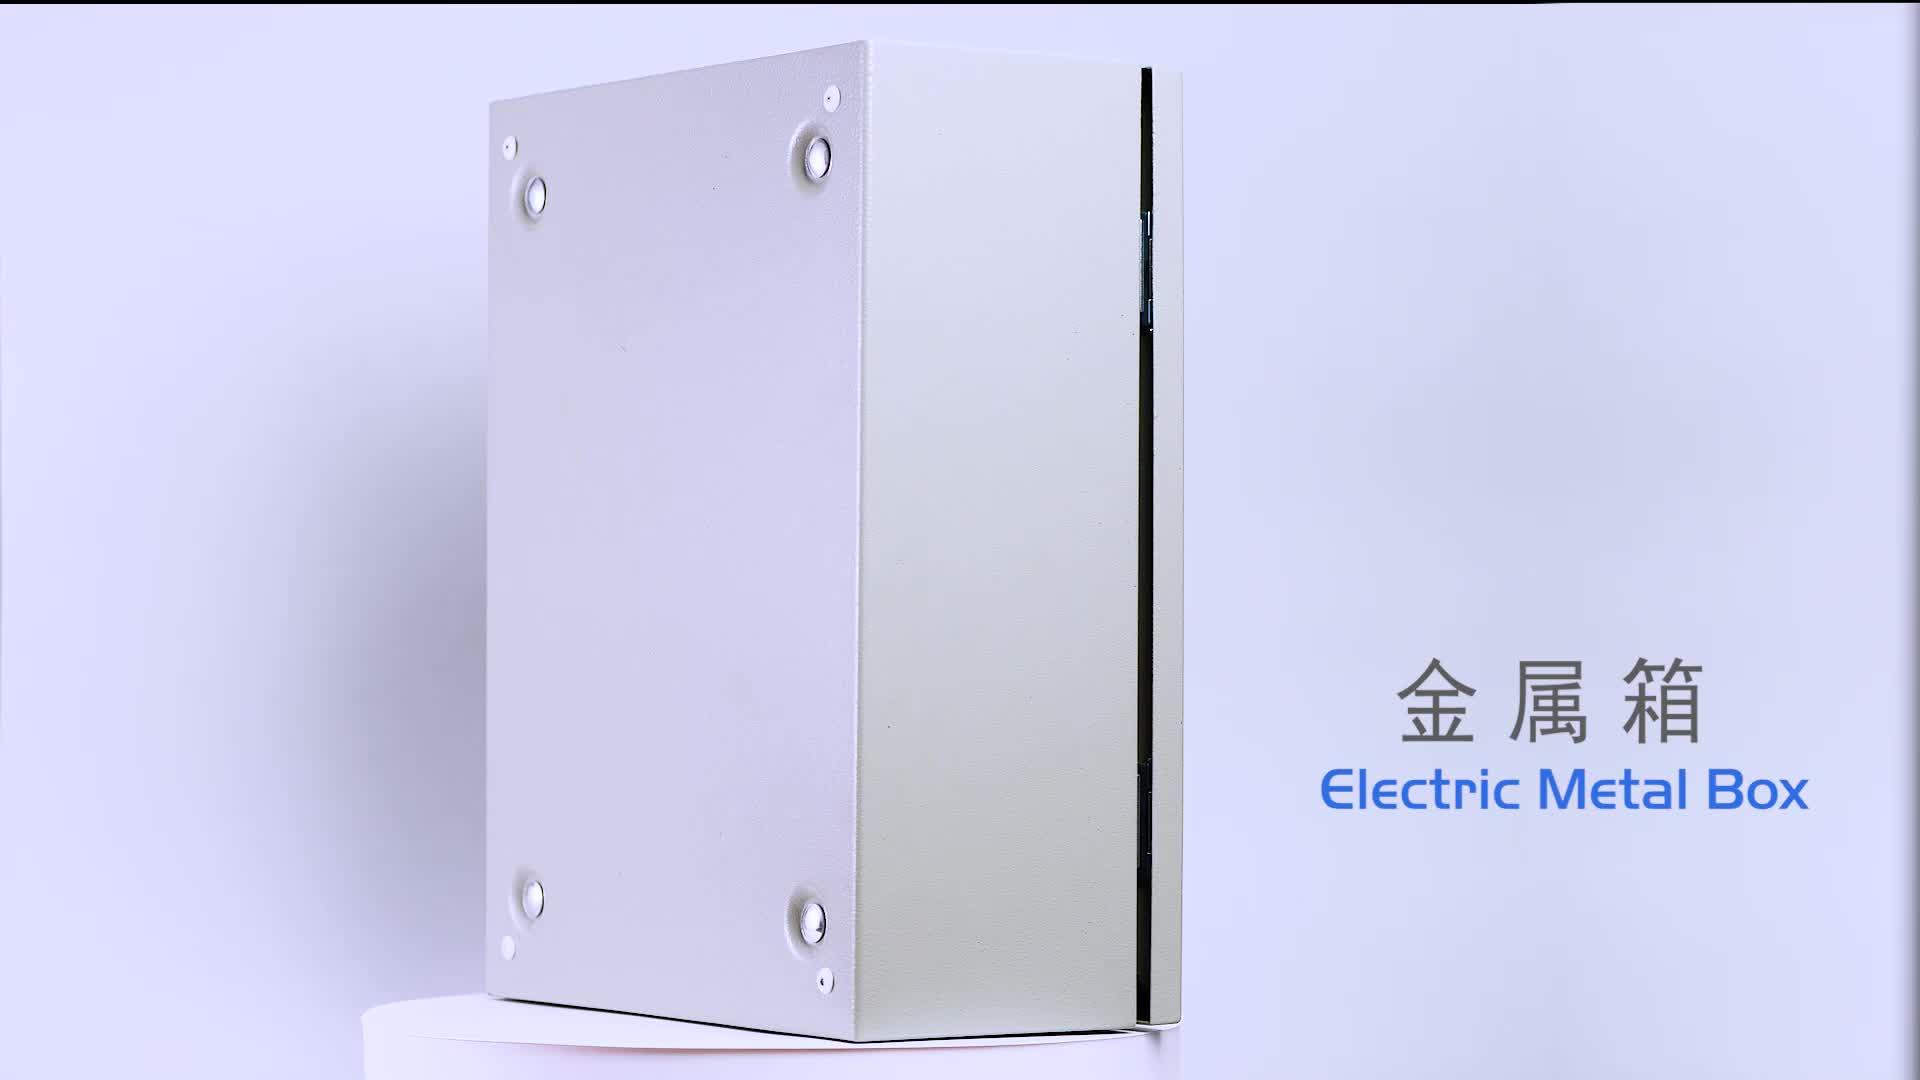 Outdoor/Ondergrondse NEMA 3 R Elektronische Project Behuizingen Voor Voedingen en elektronica met CE ROHS